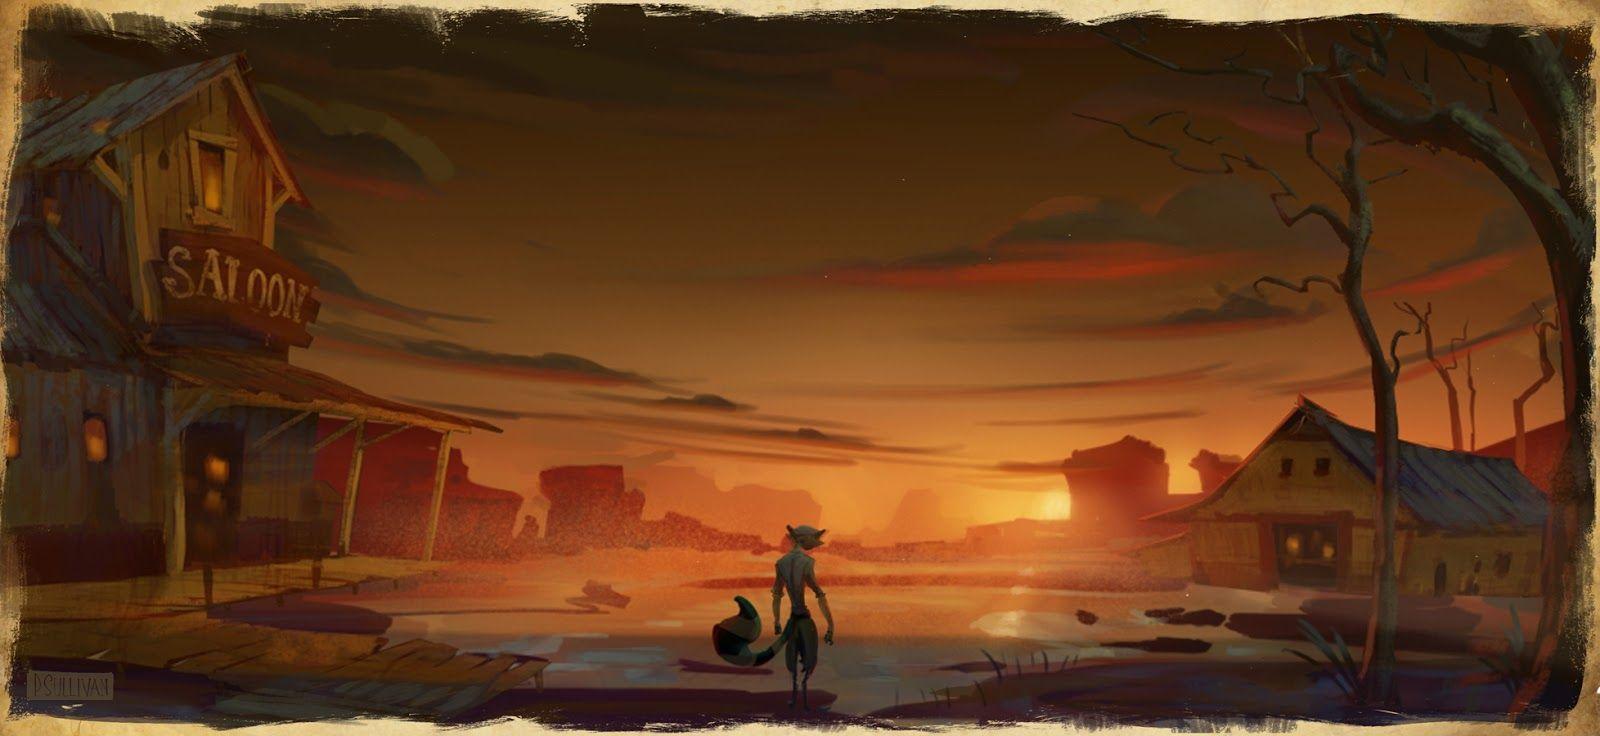 wild west background-#9